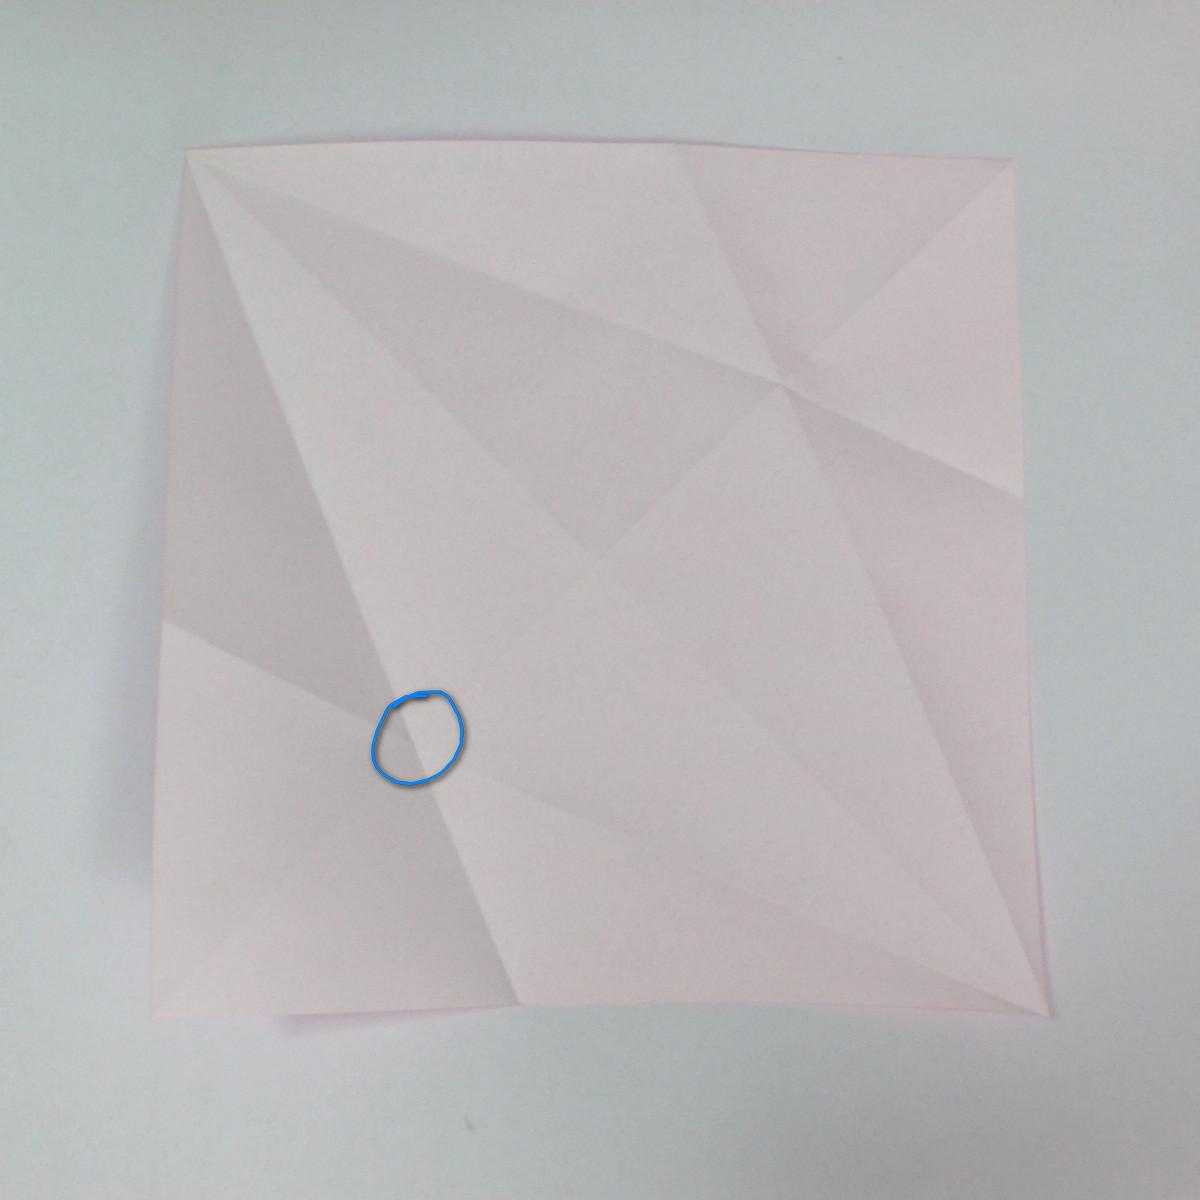 สอนการพับกระดาษเป็นลูกสุนัขชเนาเซอร์ (Origami Schnauzer Puppy) 007